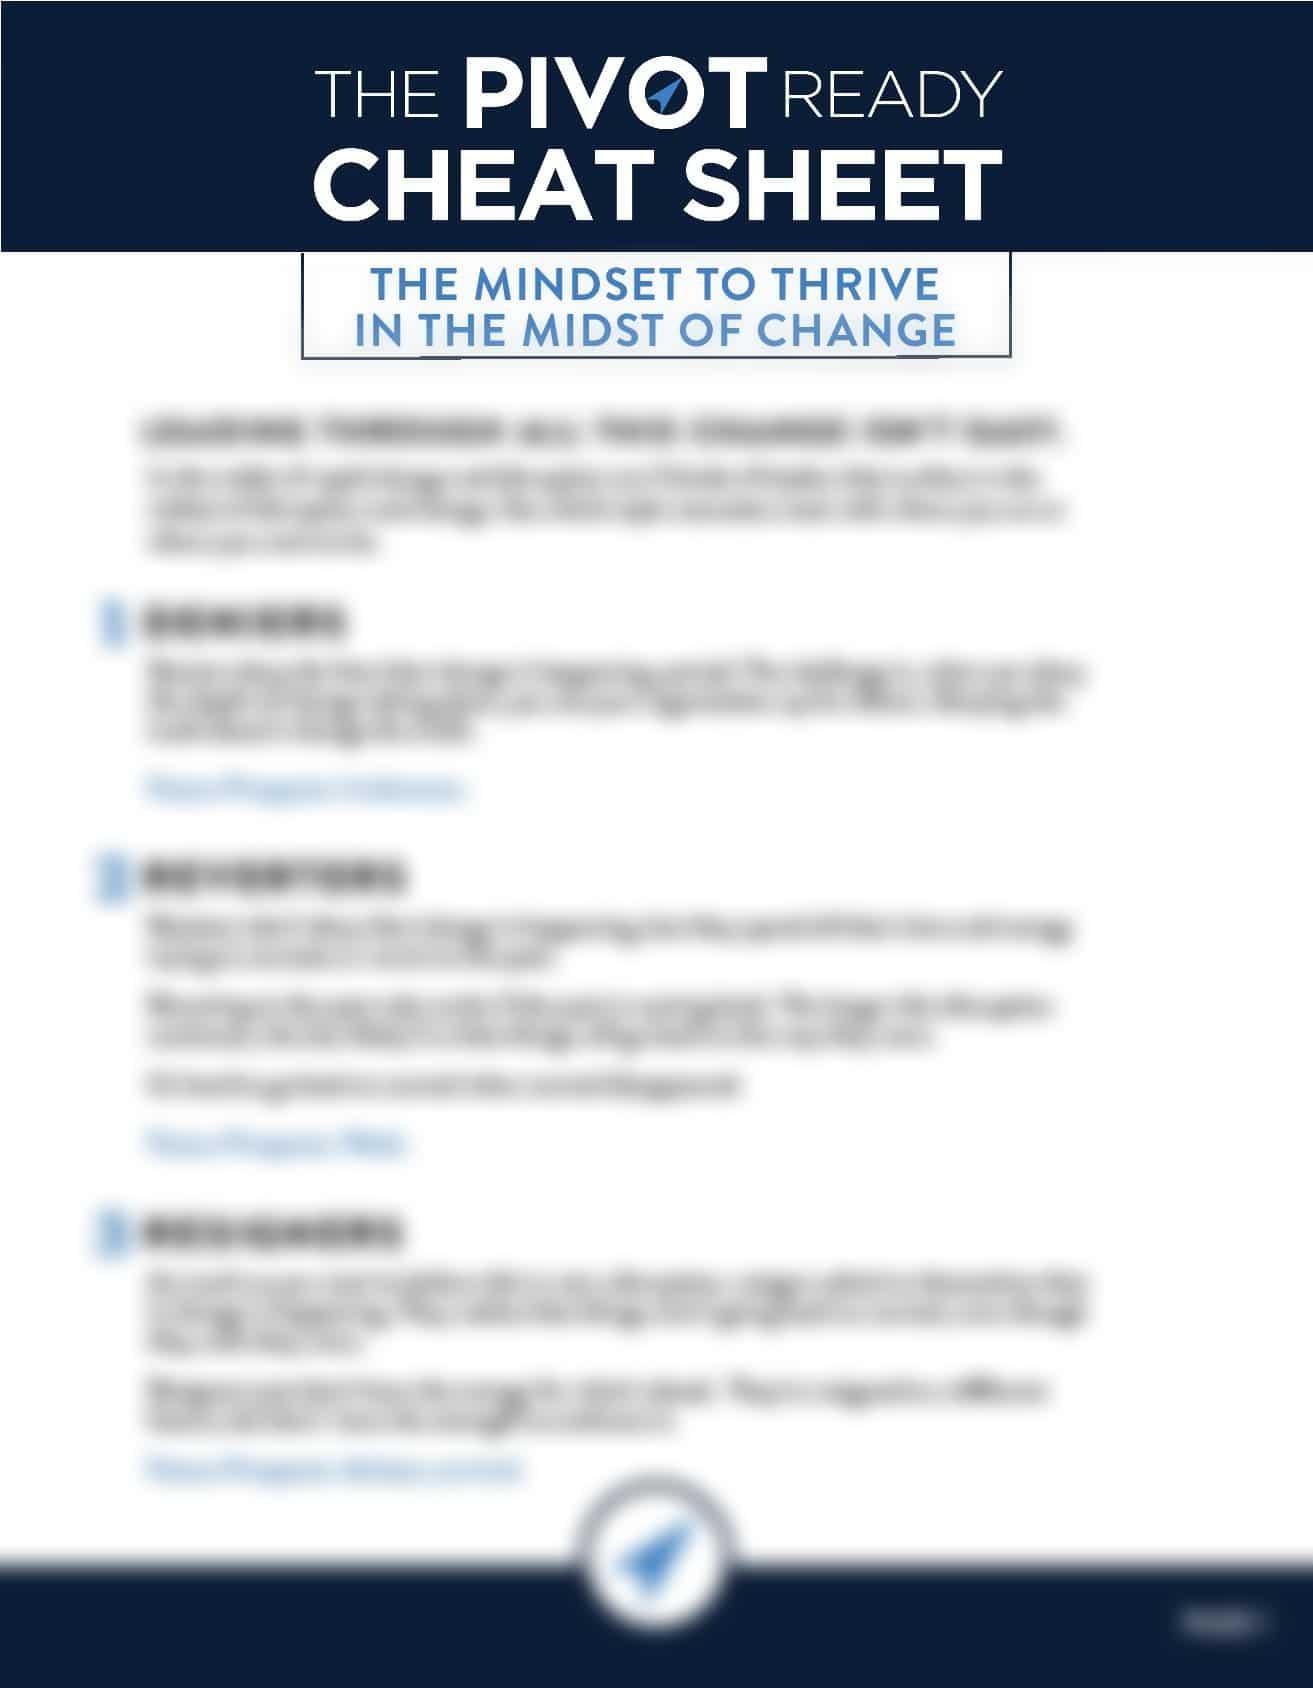 Thumbnail - Pivot Ready Cheat Sheet Blurred